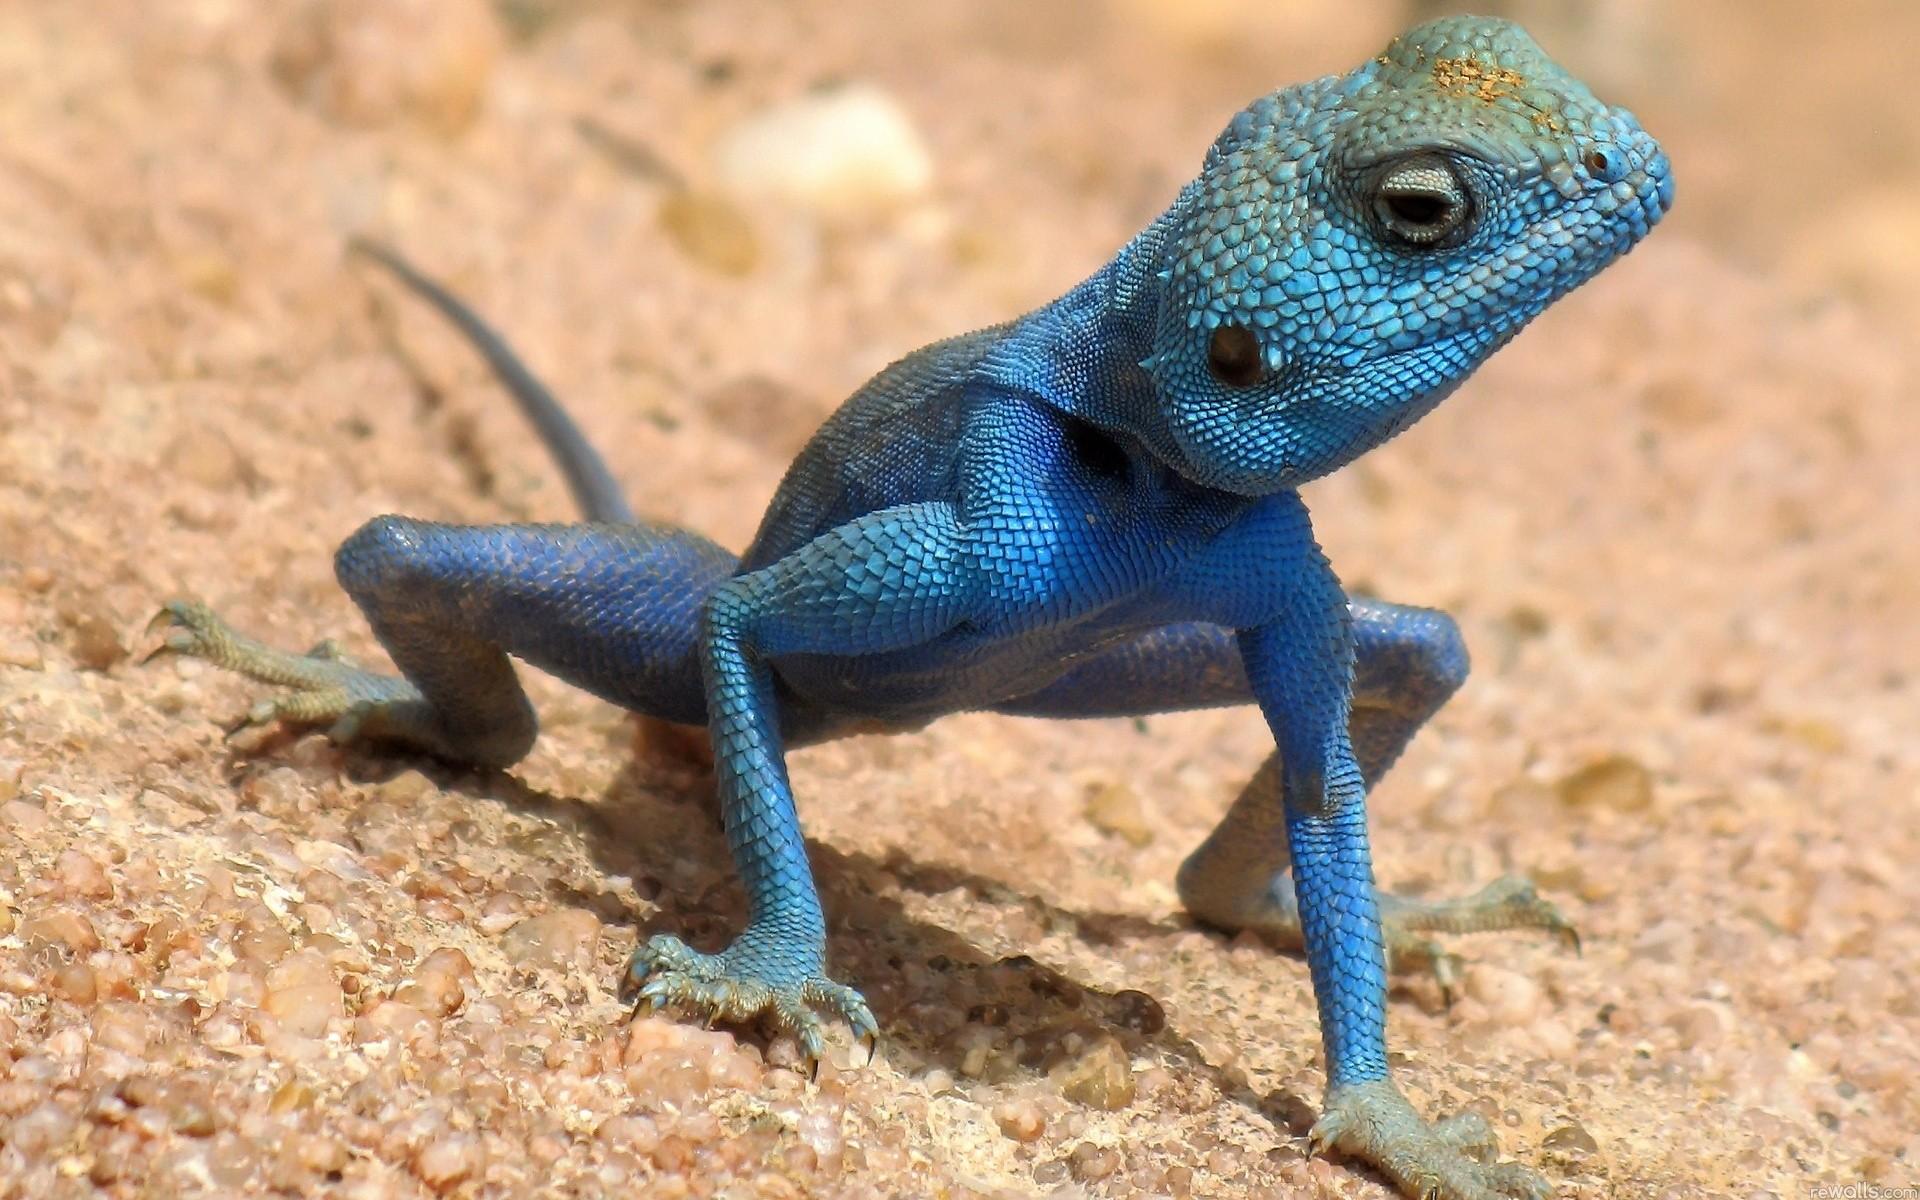 Un lagarto azul - 1920x1200